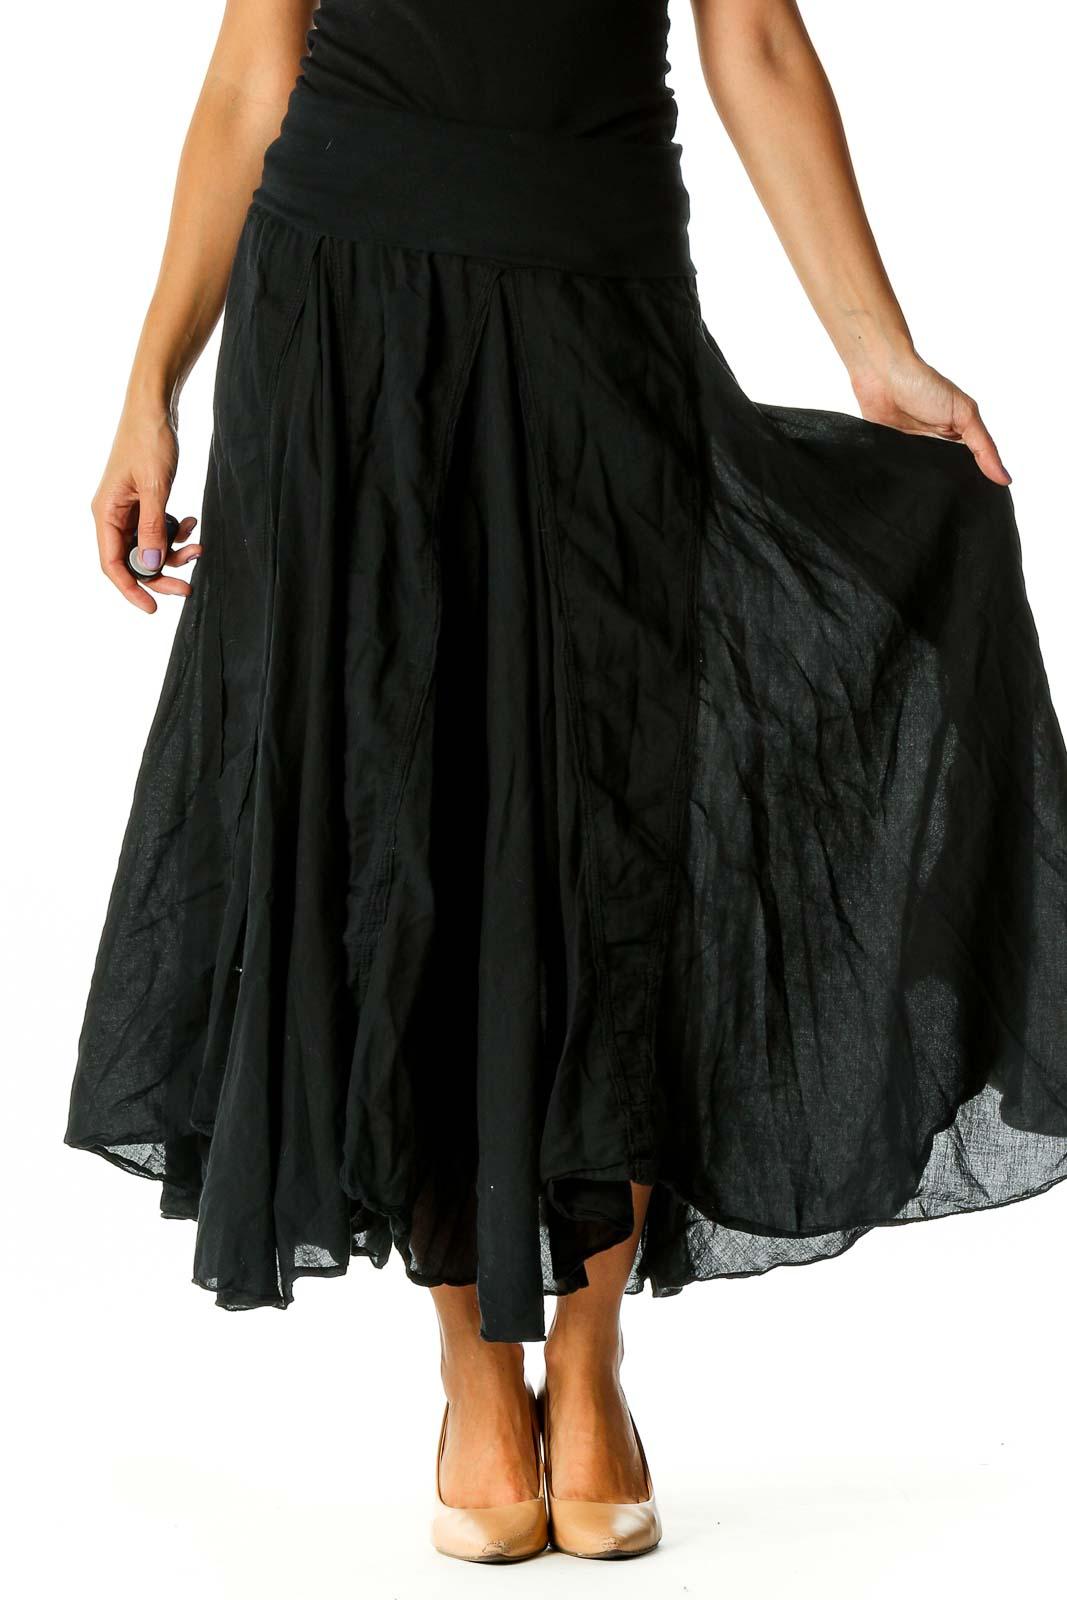 Black Retro Flared Skirt Front